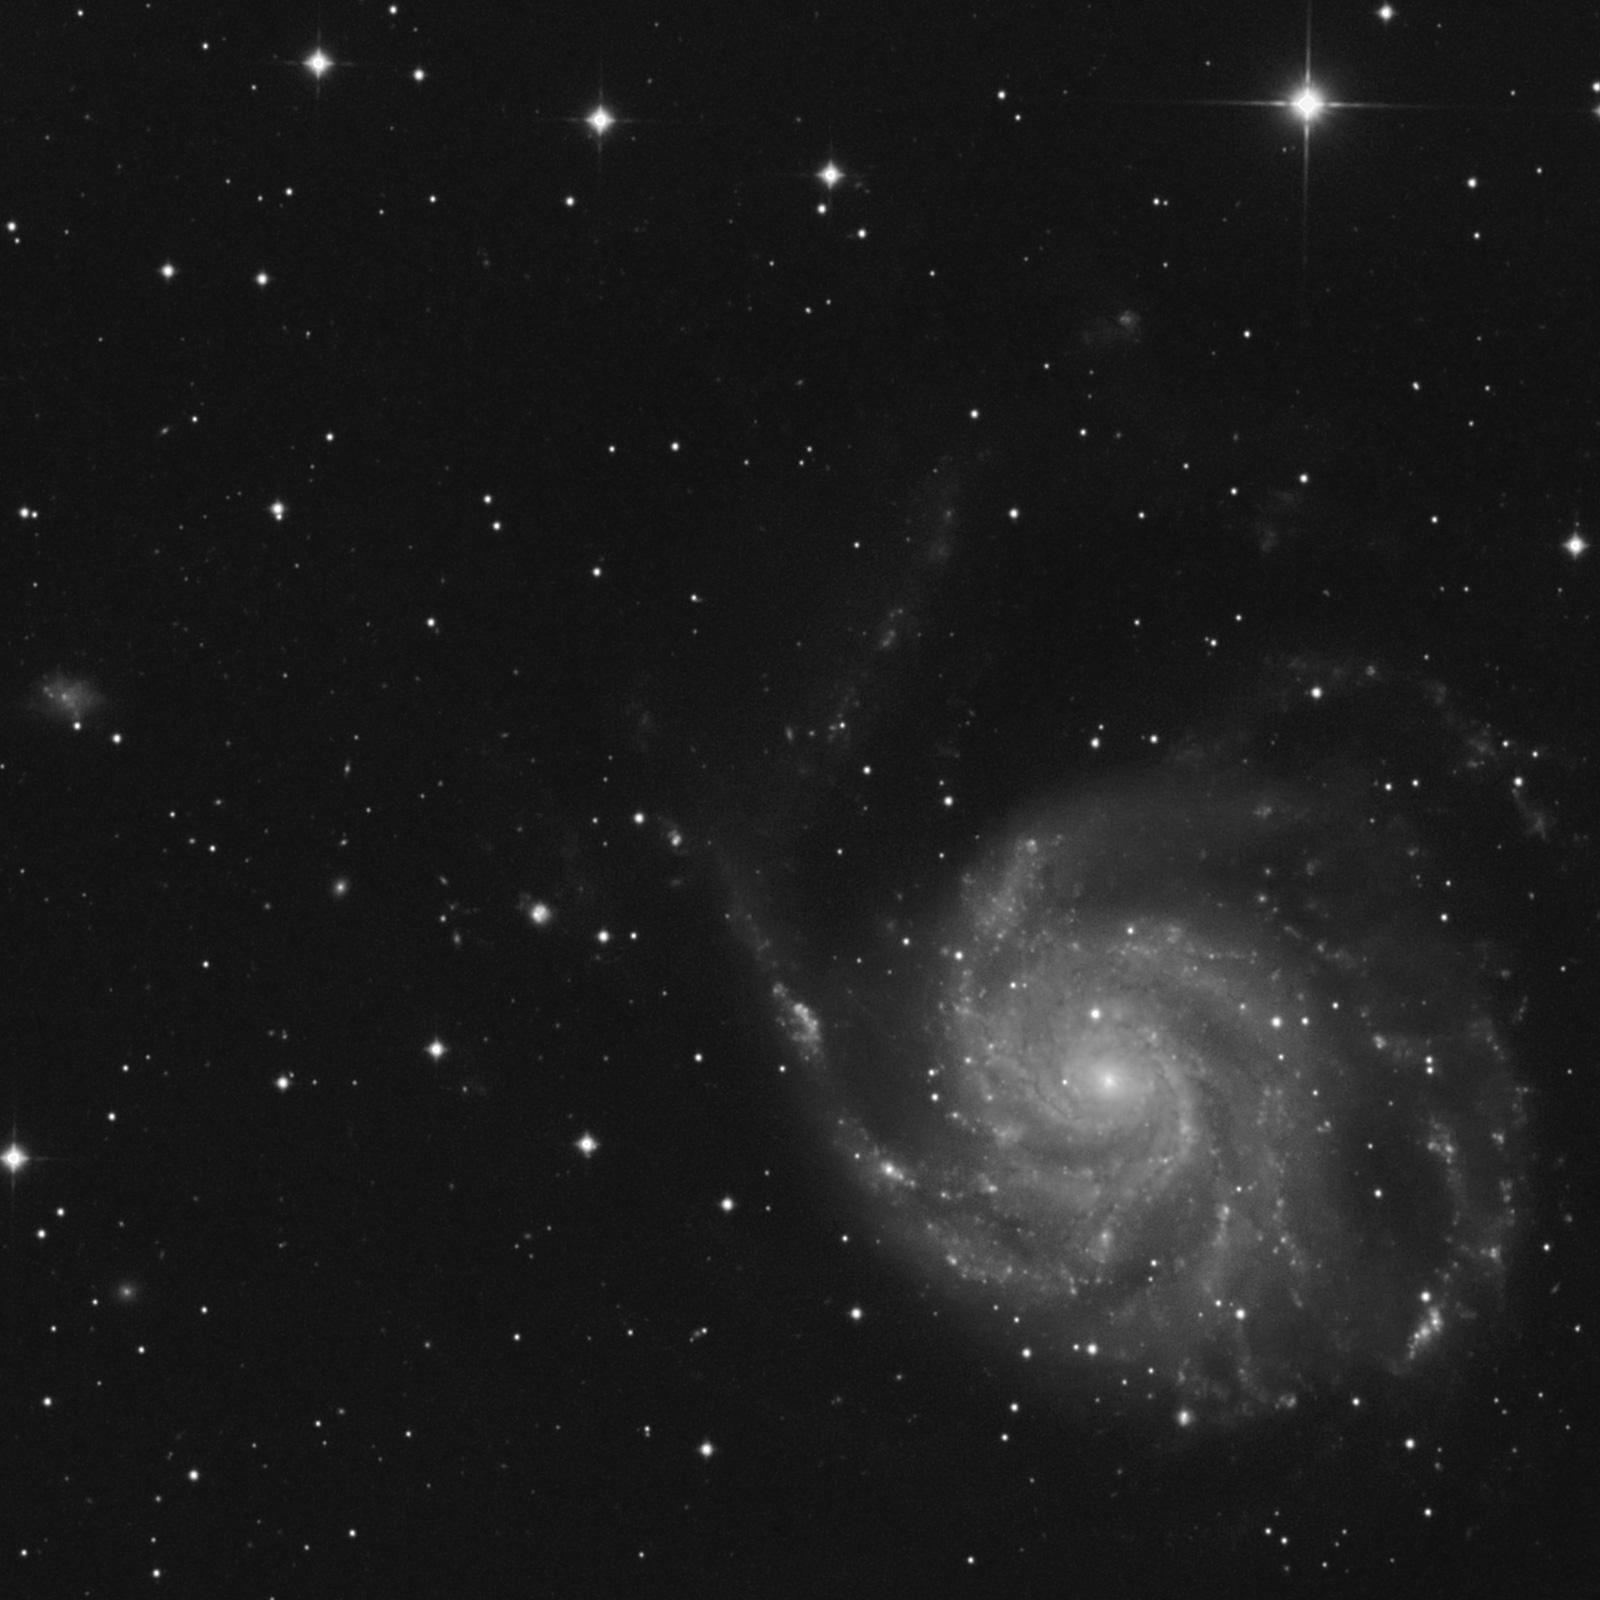 M101_remove_line